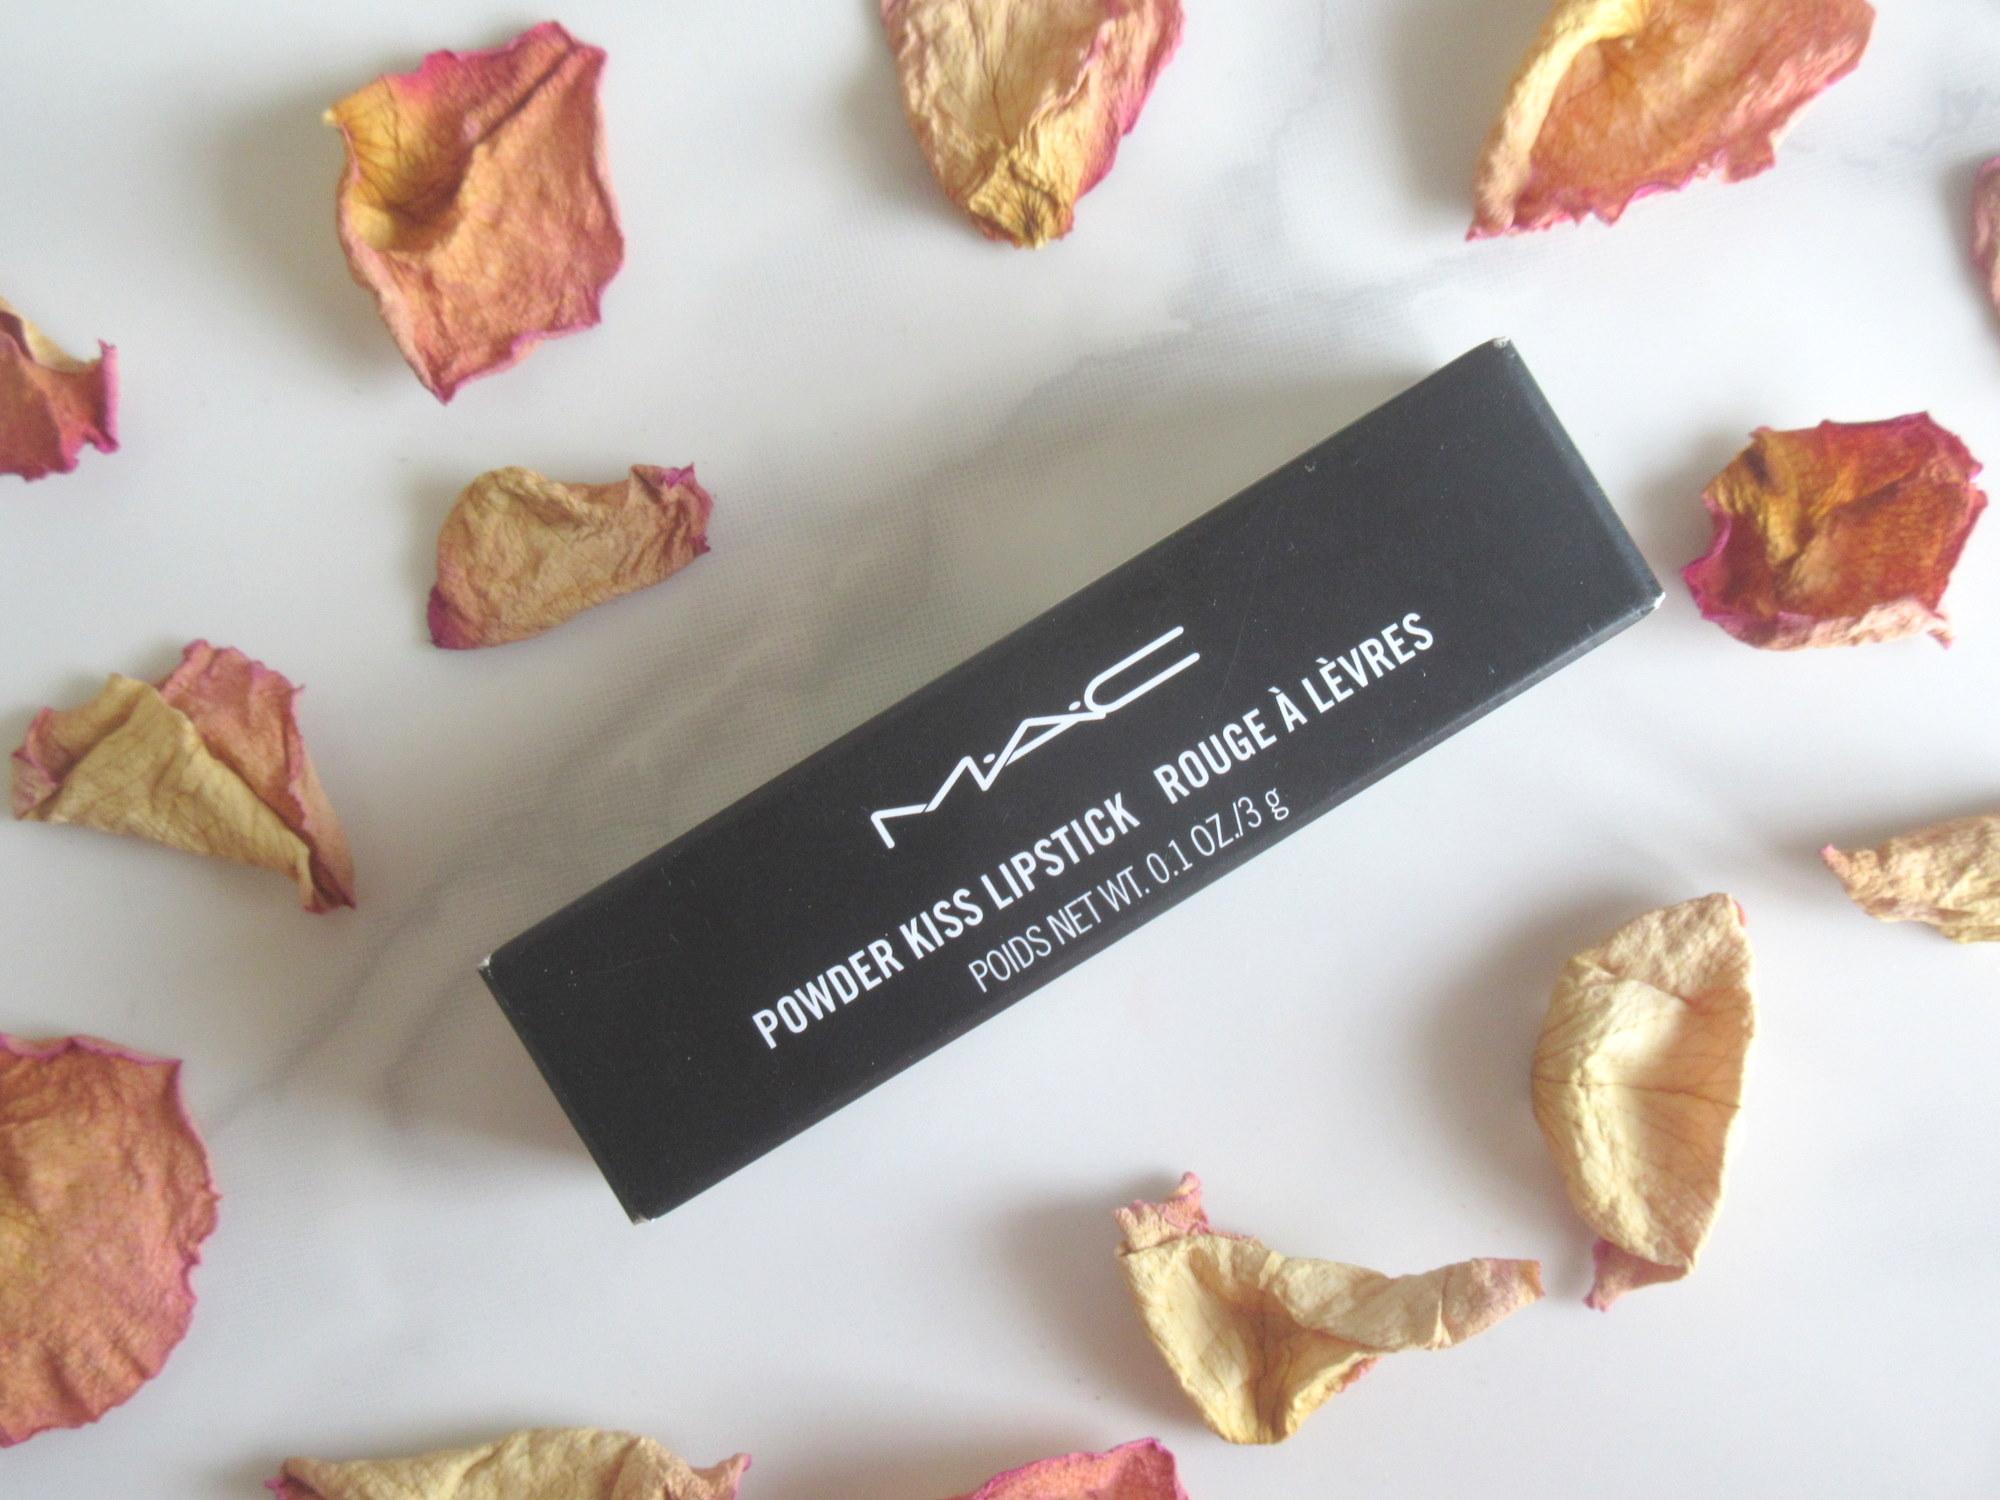 mac powder kiss lipstick, mac powder kiss lipstick devoted to chili